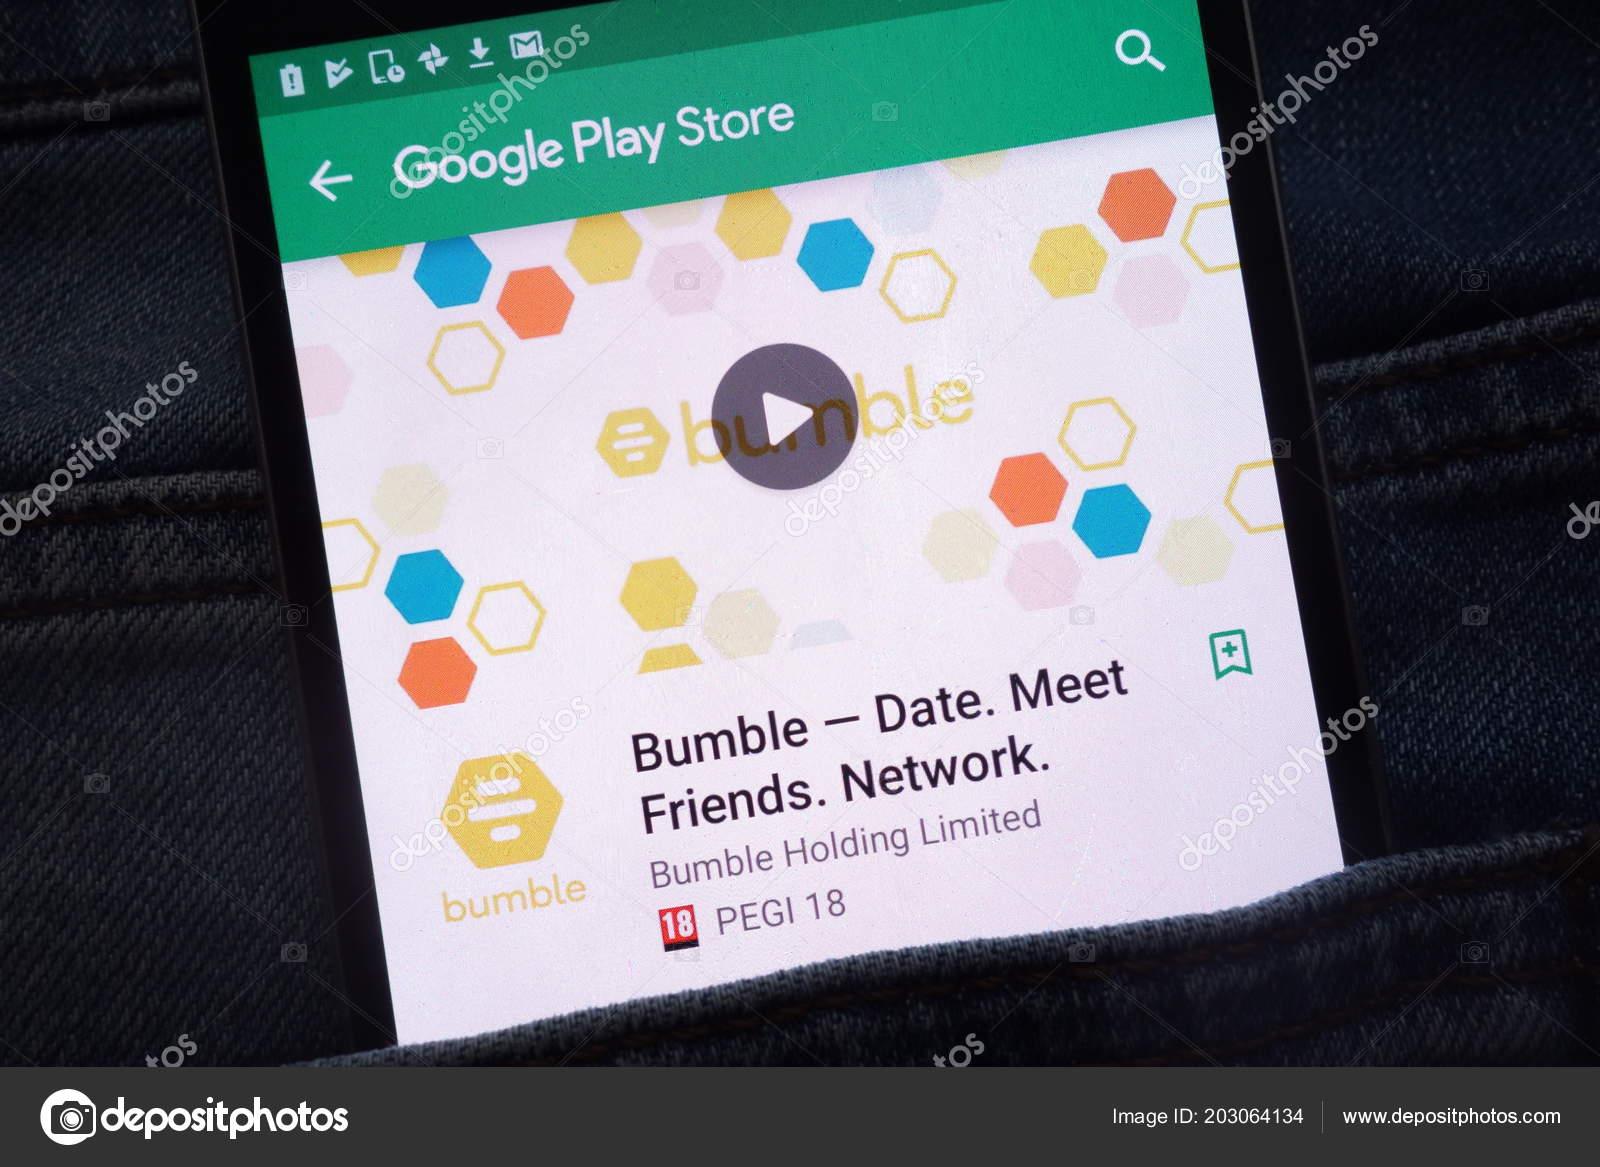 δωρεάν ινδονησιακή dating online